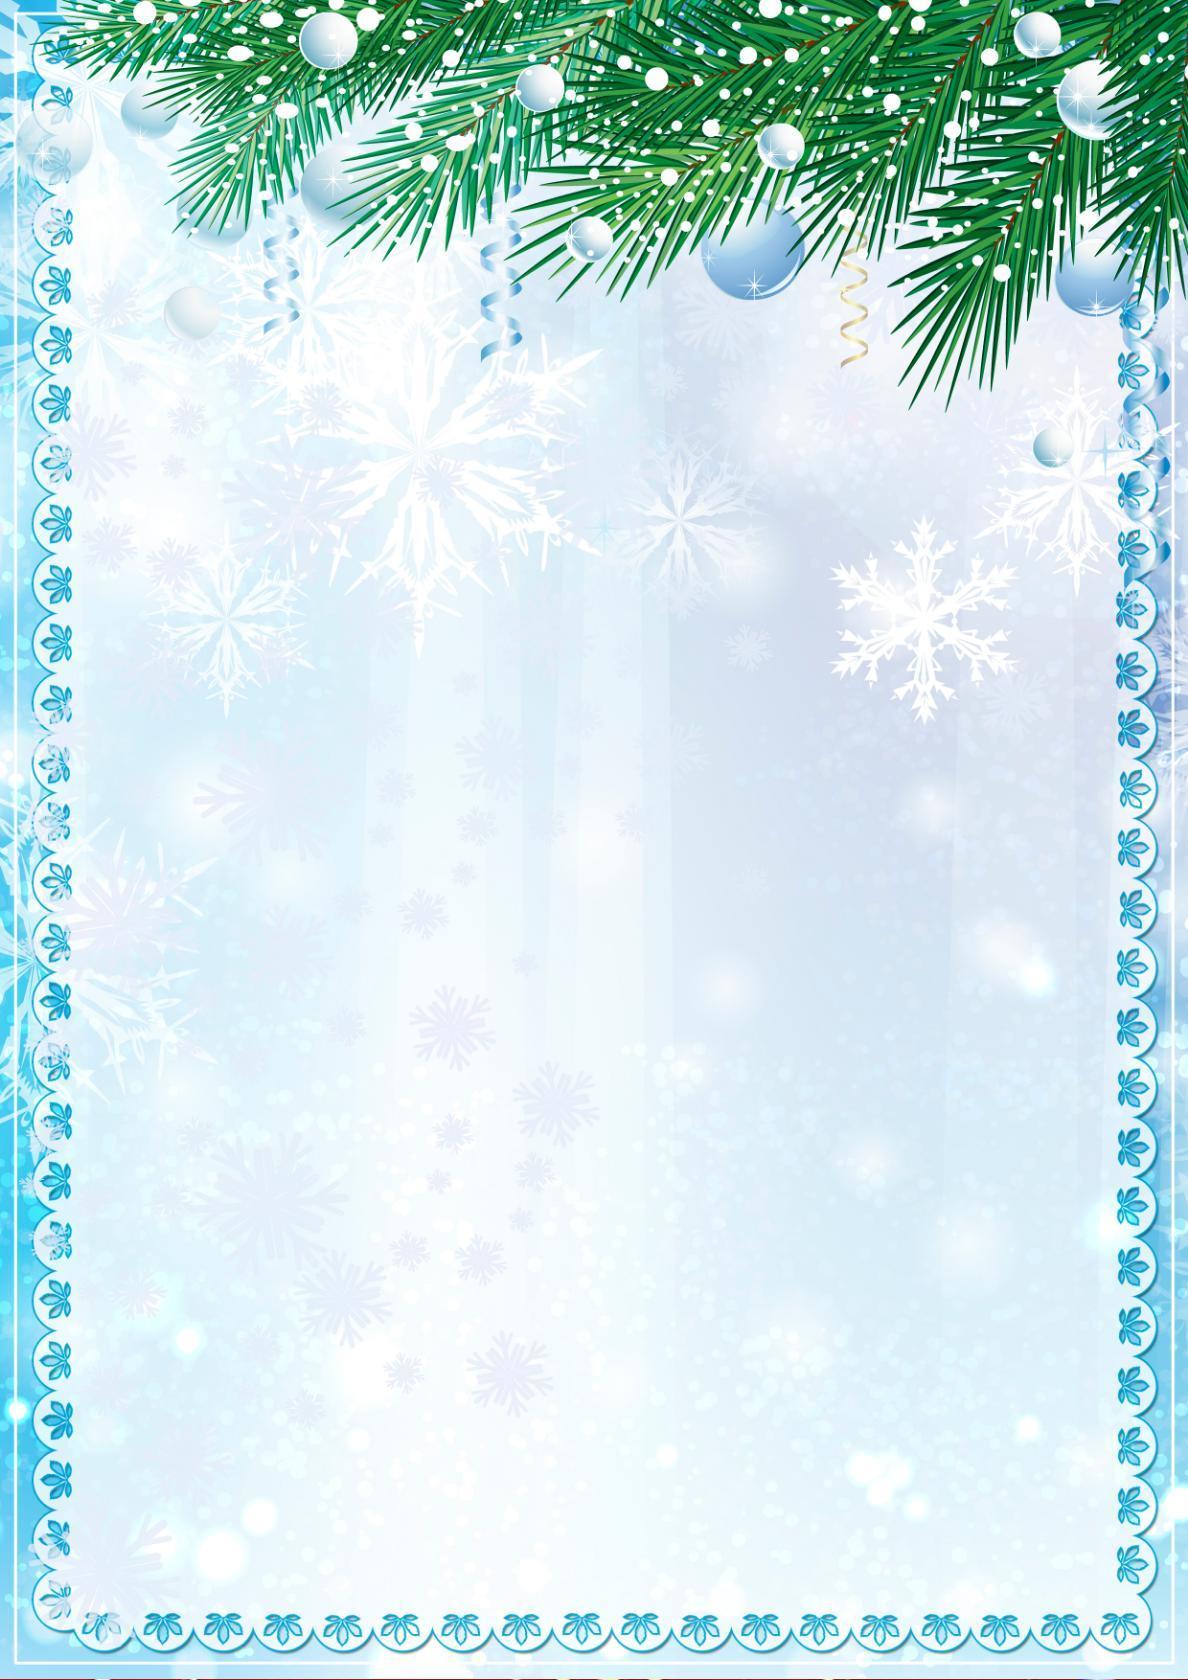 Картинках, фон зимний для поздравления